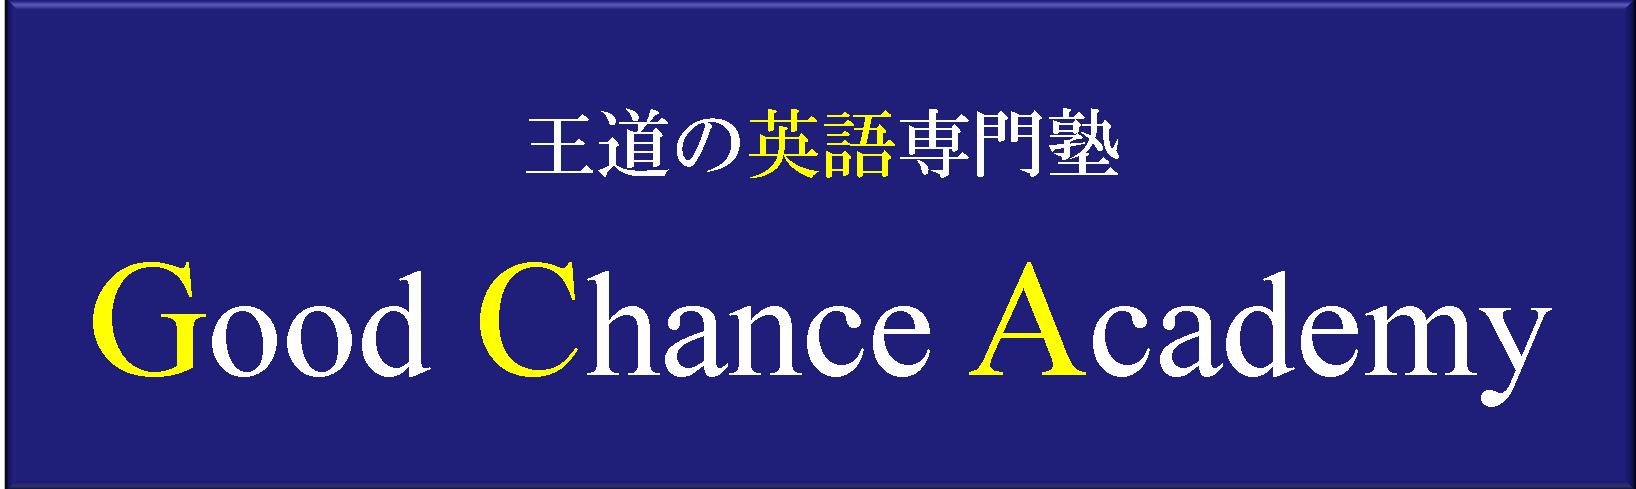 王道の英語専門塾 GCA|福岡市天神